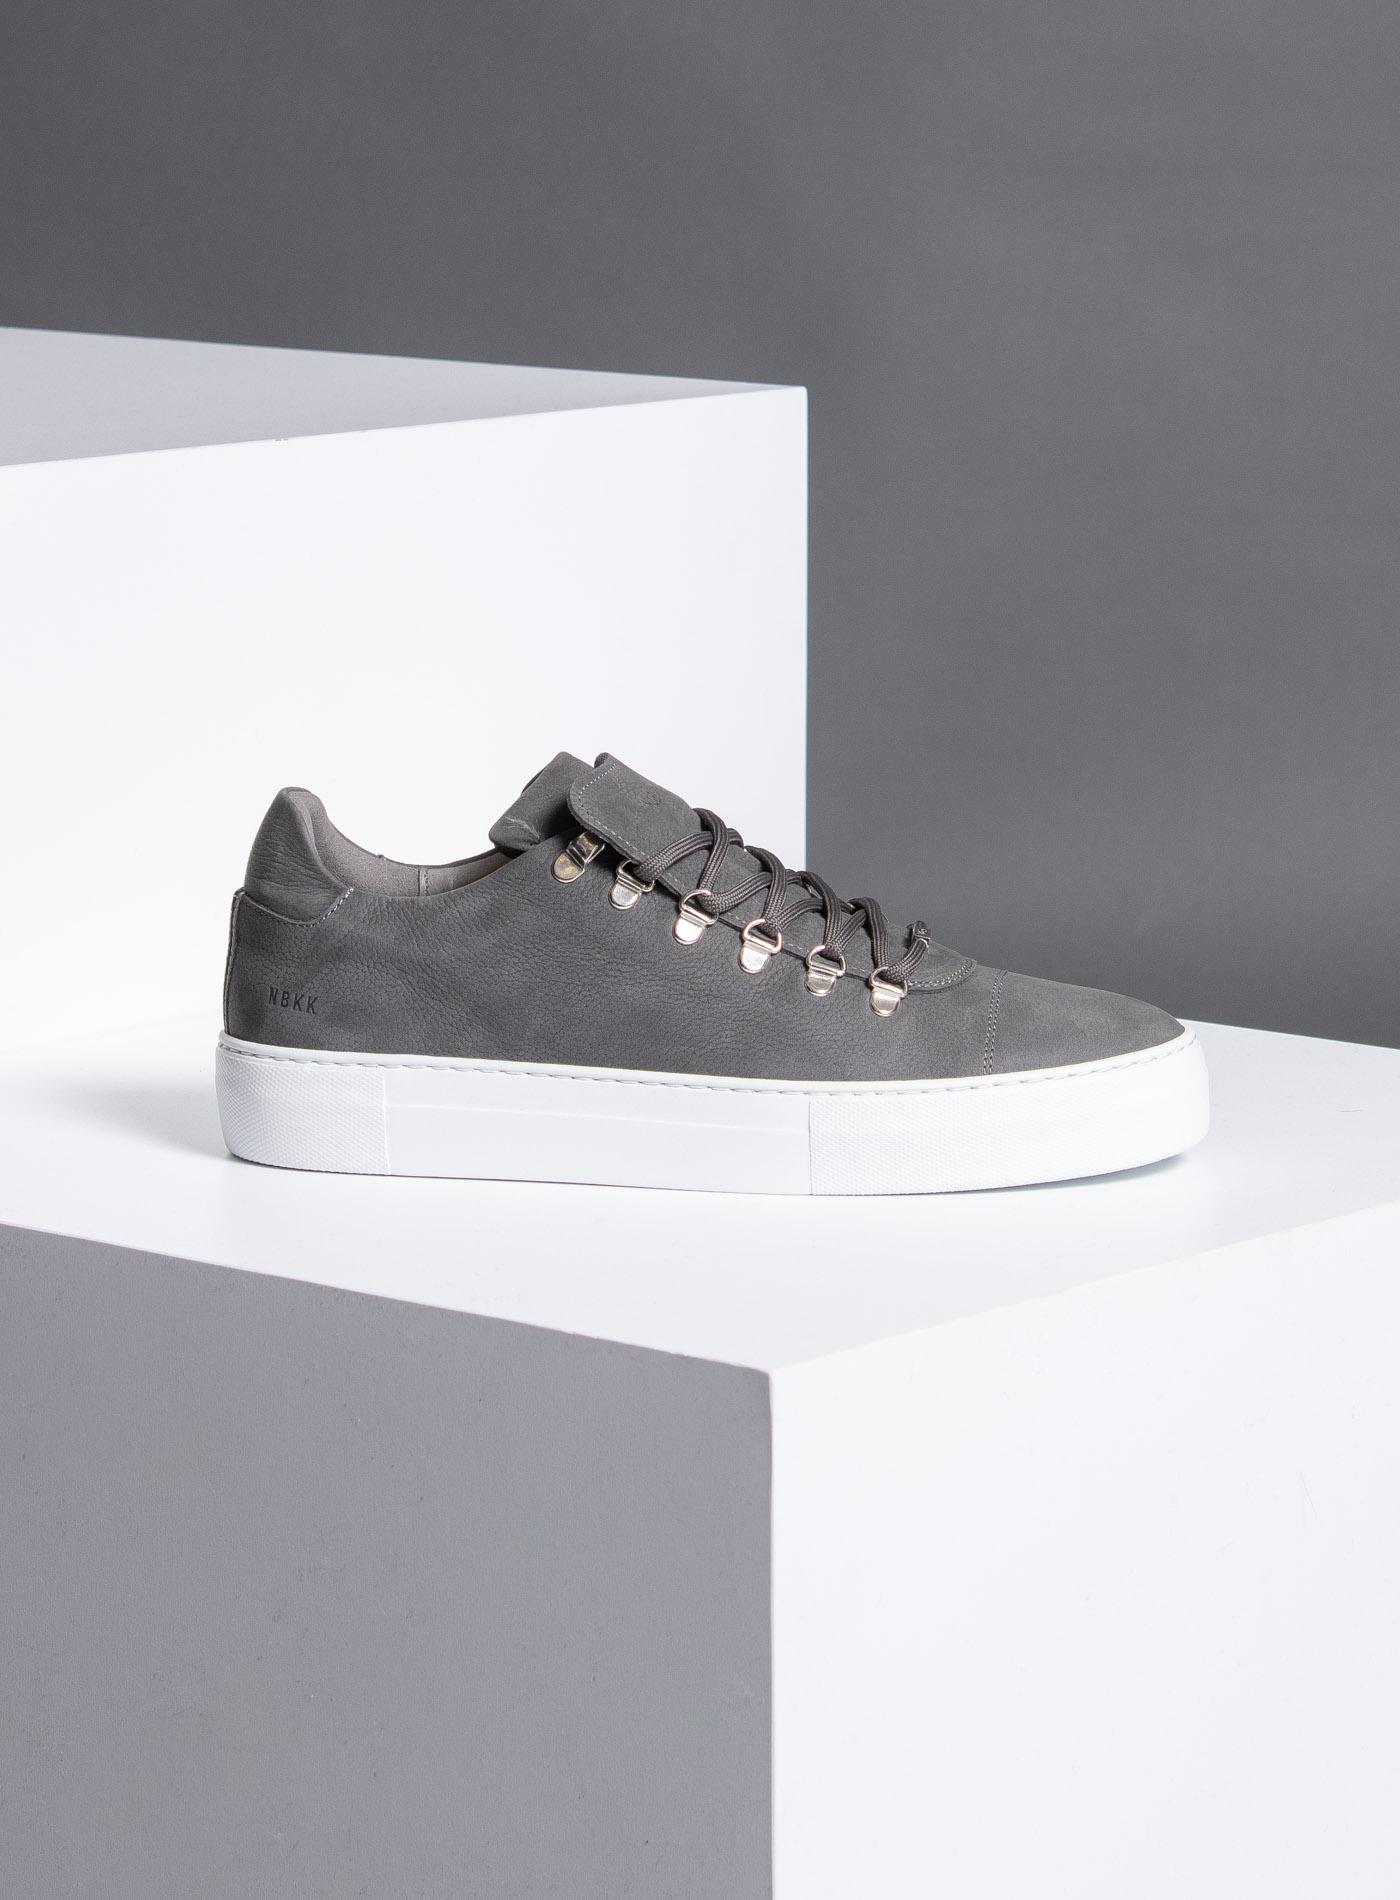 Homme ChaussuresVon Top Homme Marken FindenWormland HDWE2Y9I